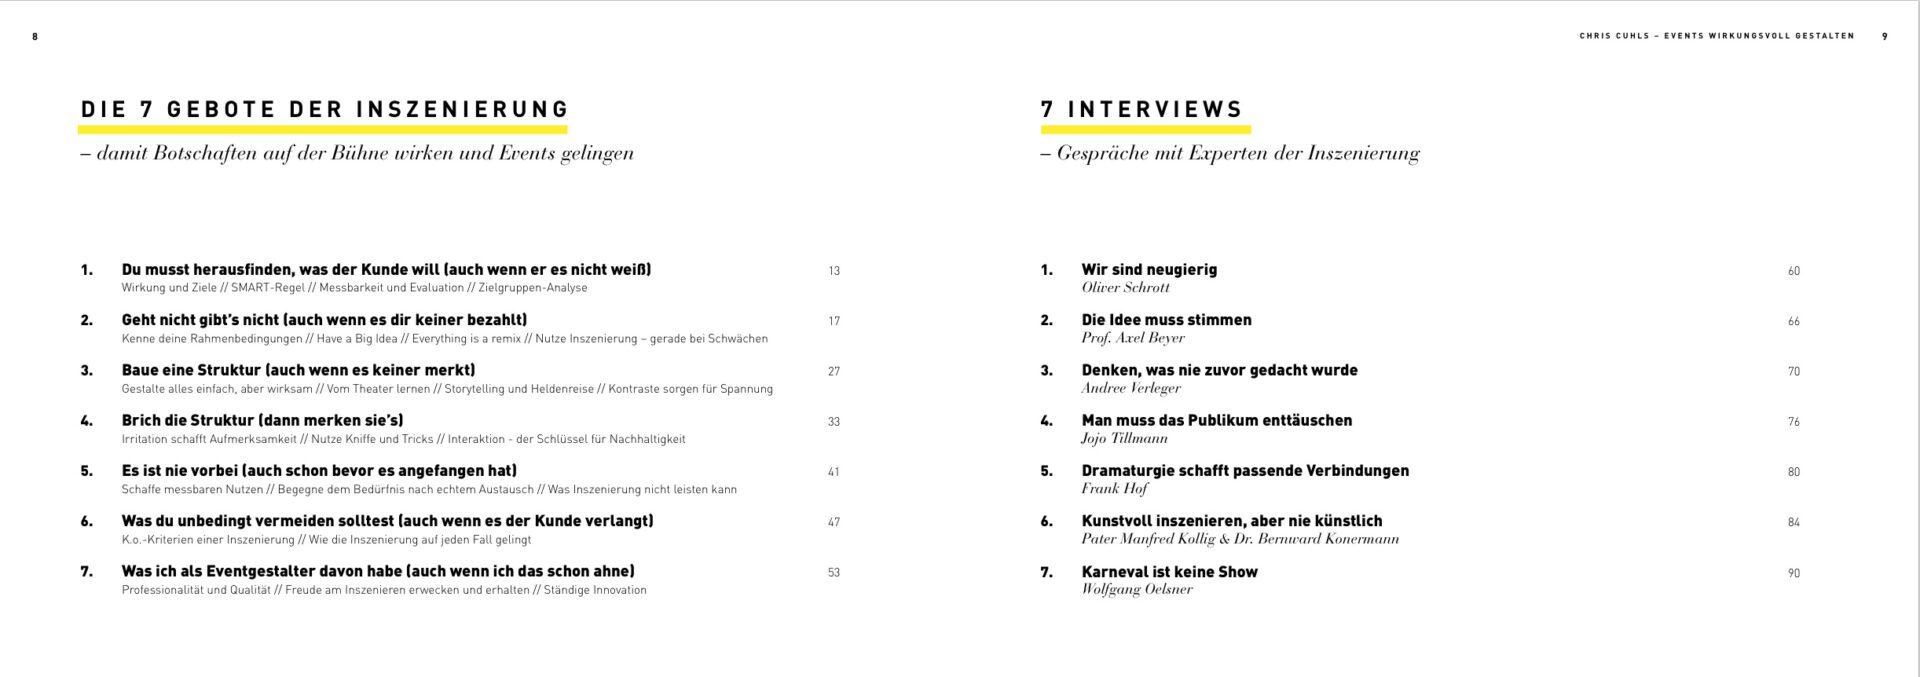 Events wirkungsvoll inszenieren - 7 Gebote 7 Interviews